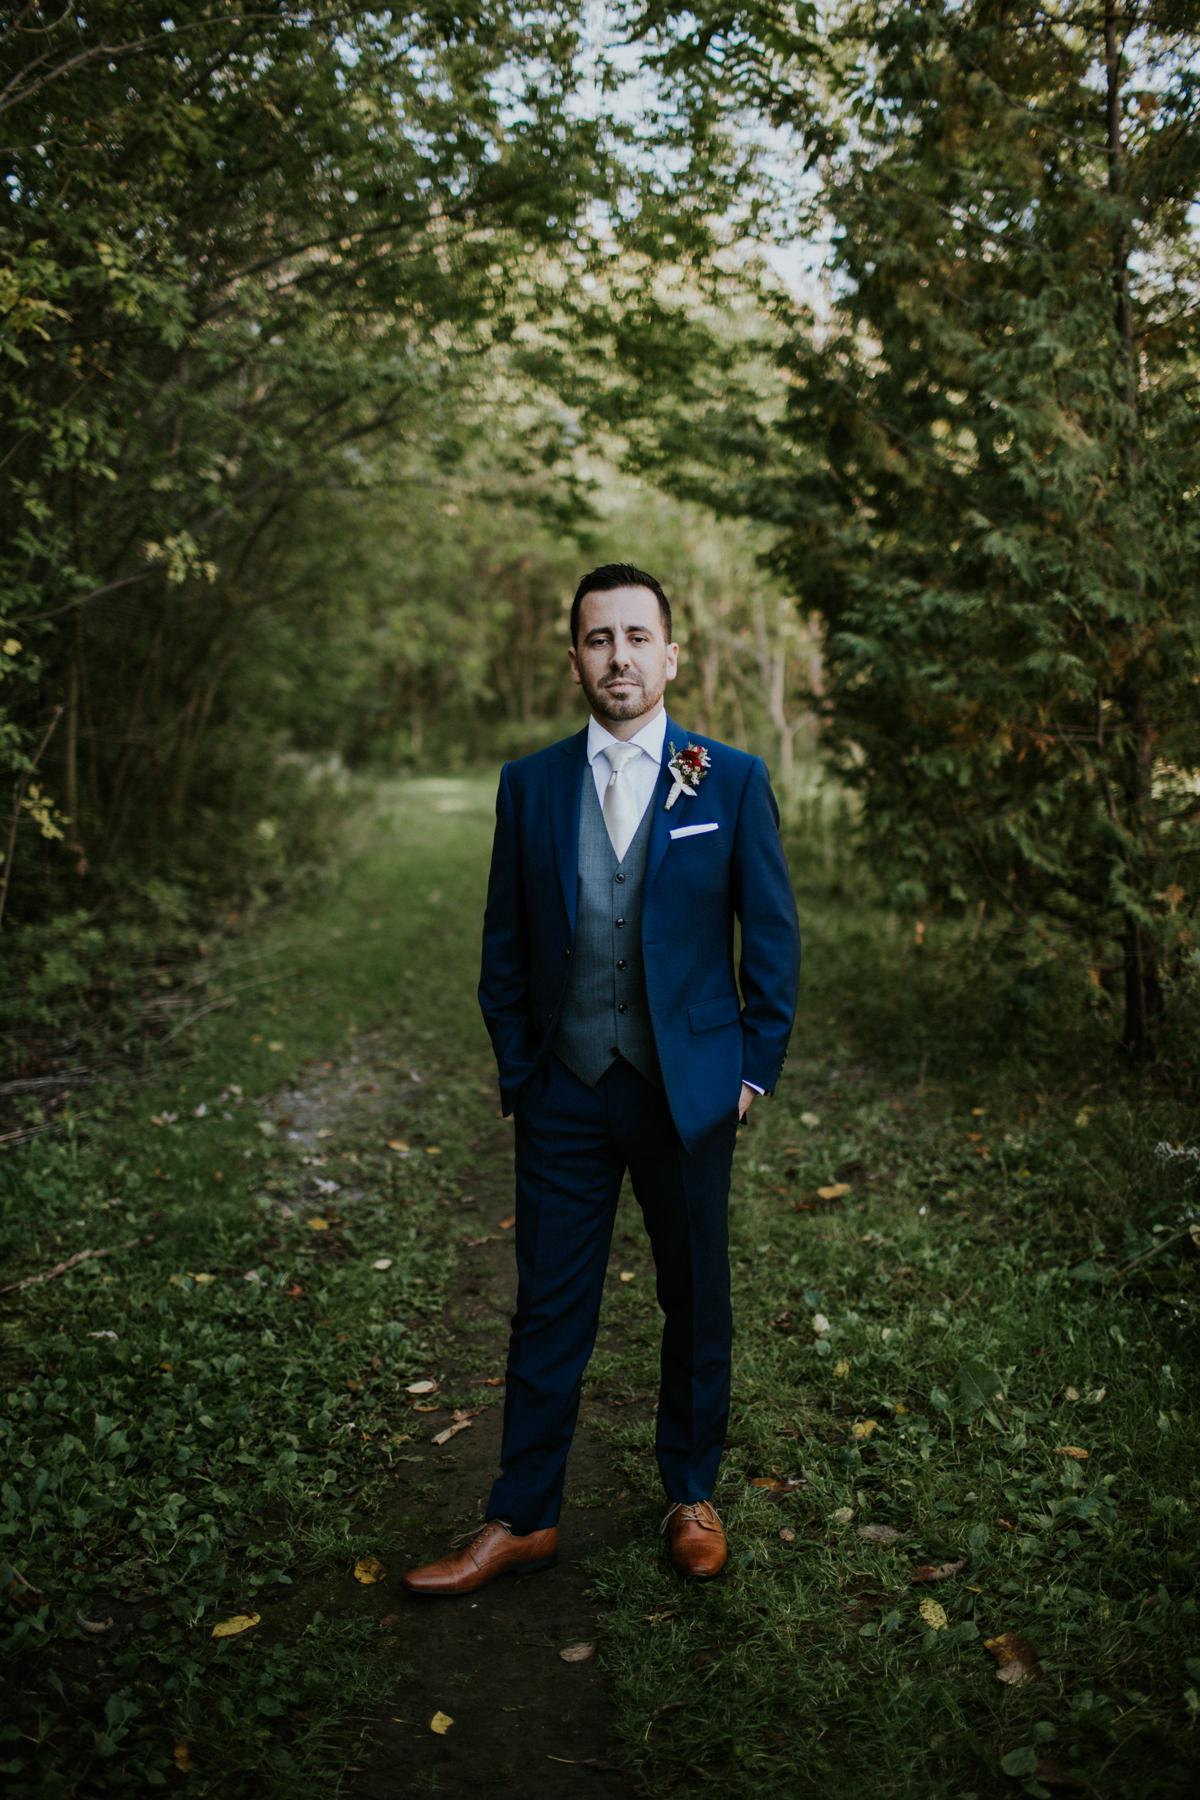 outdoor groom portraits